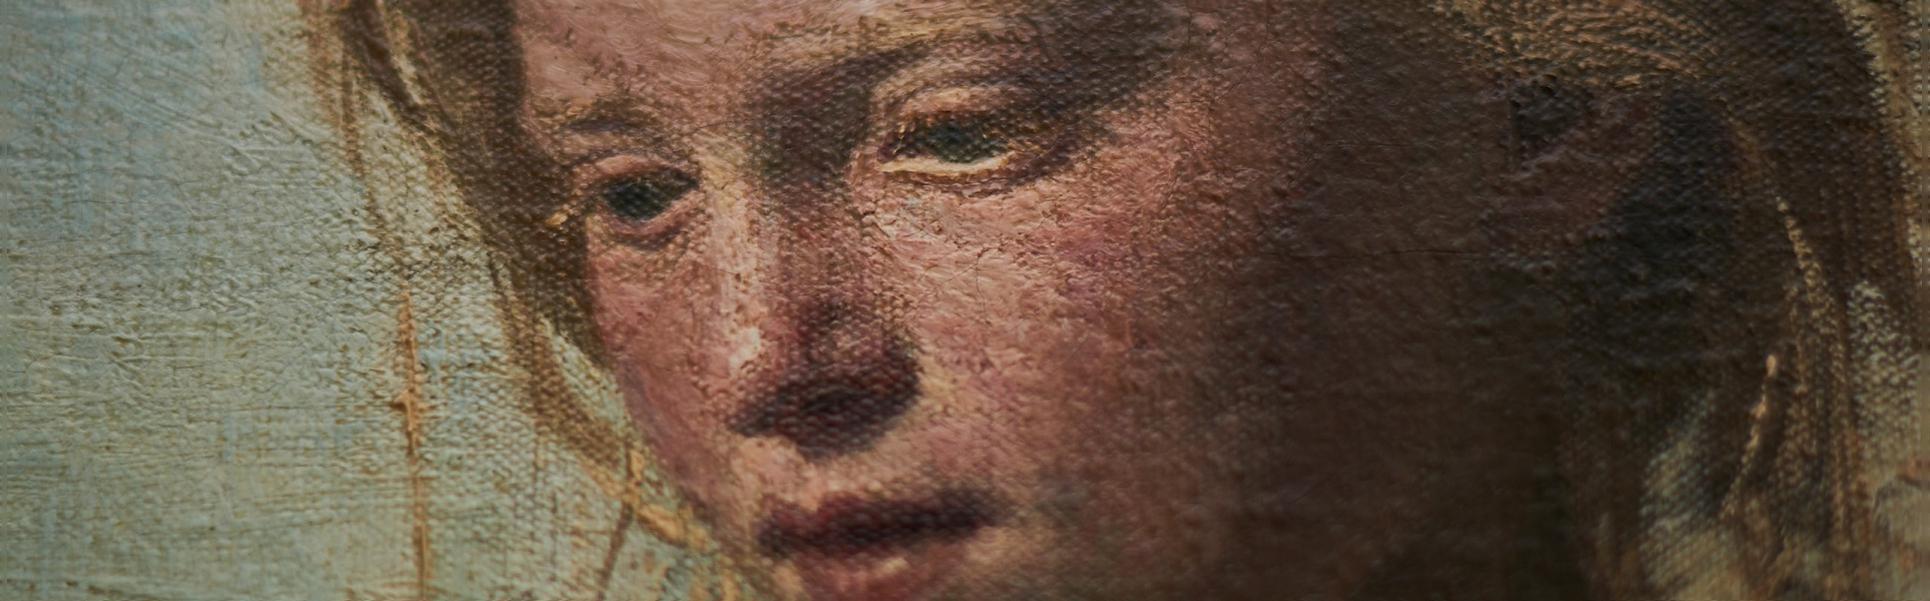 «Нищая» едет в Париж. Как картину из иркутского музея готовили к поездке